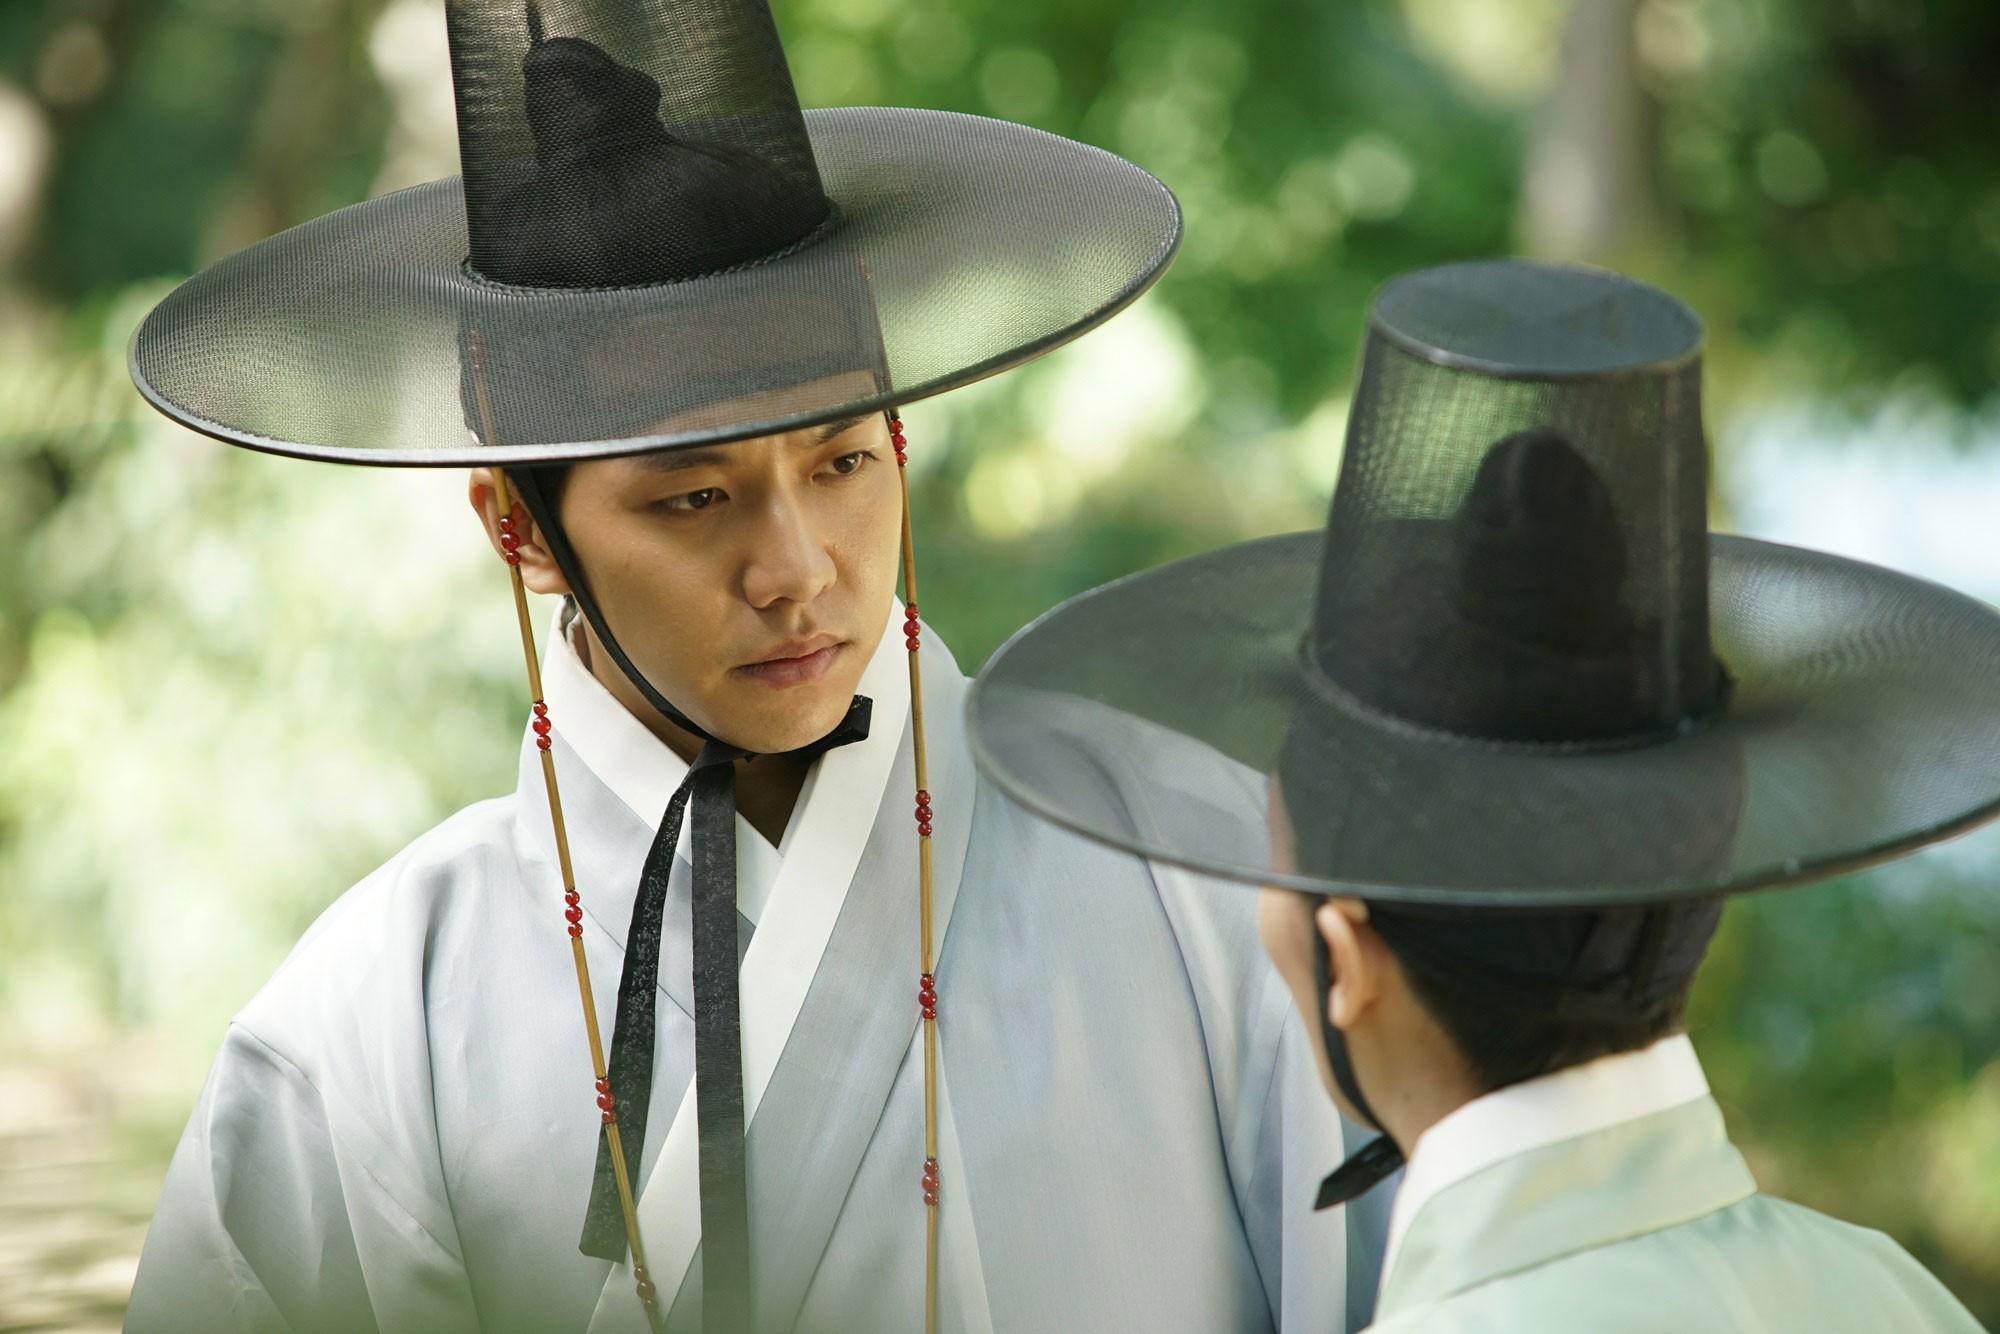 Phim mới của Lee Seung Gi: Khi con rể quốc dân cũng flop dập mặt vì quá thiếu muối - Ảnh 5.